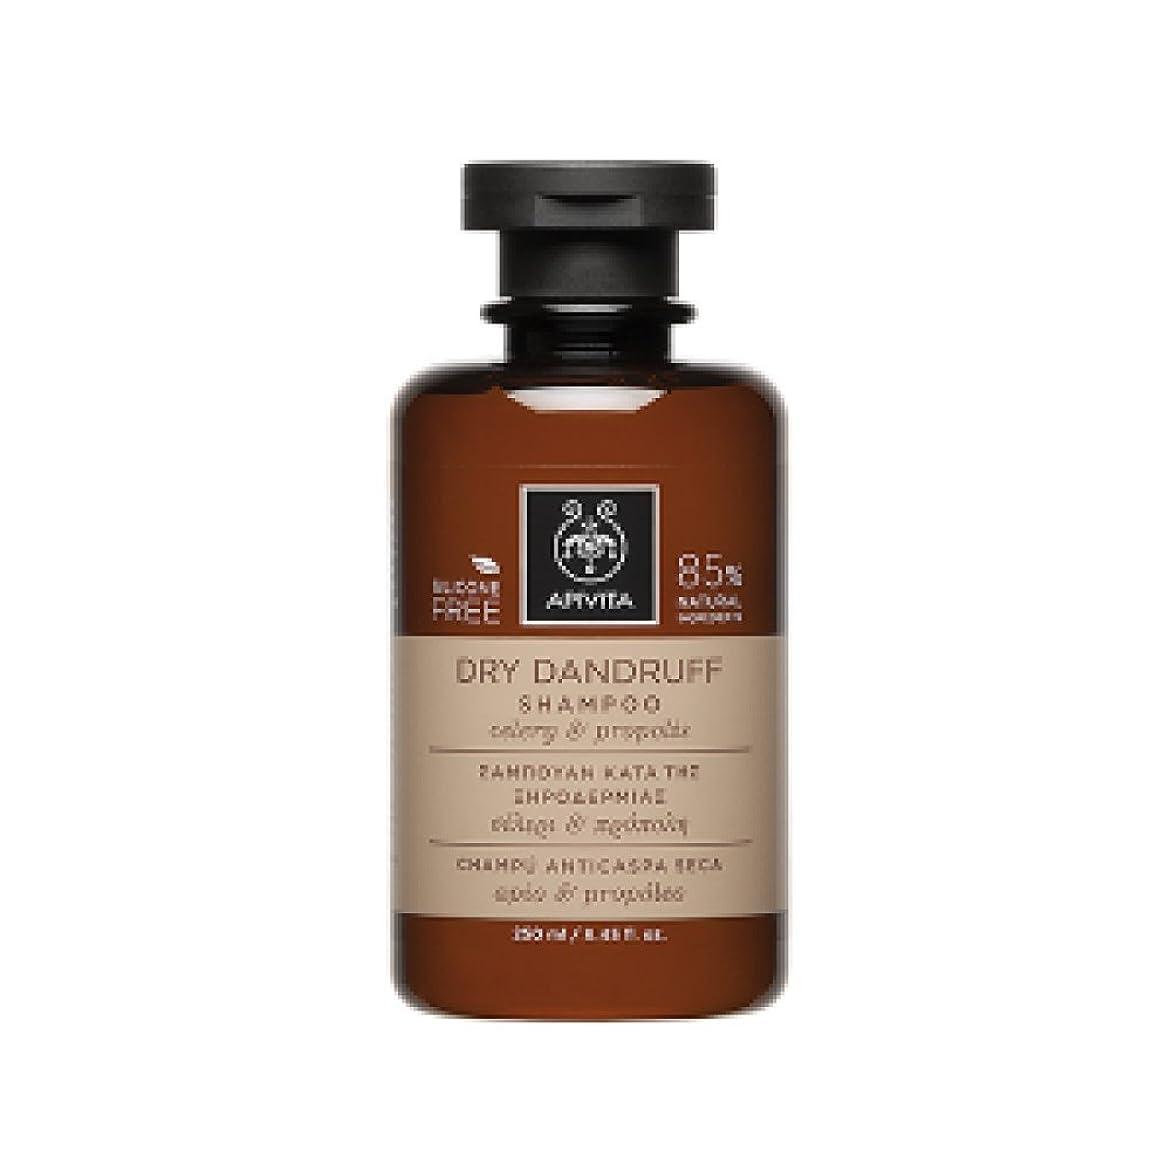 アピヴィータ Dry Dandruff Shampoo with Celery & Propolis (For Dry Scalp) 250ml [並行輸入品]